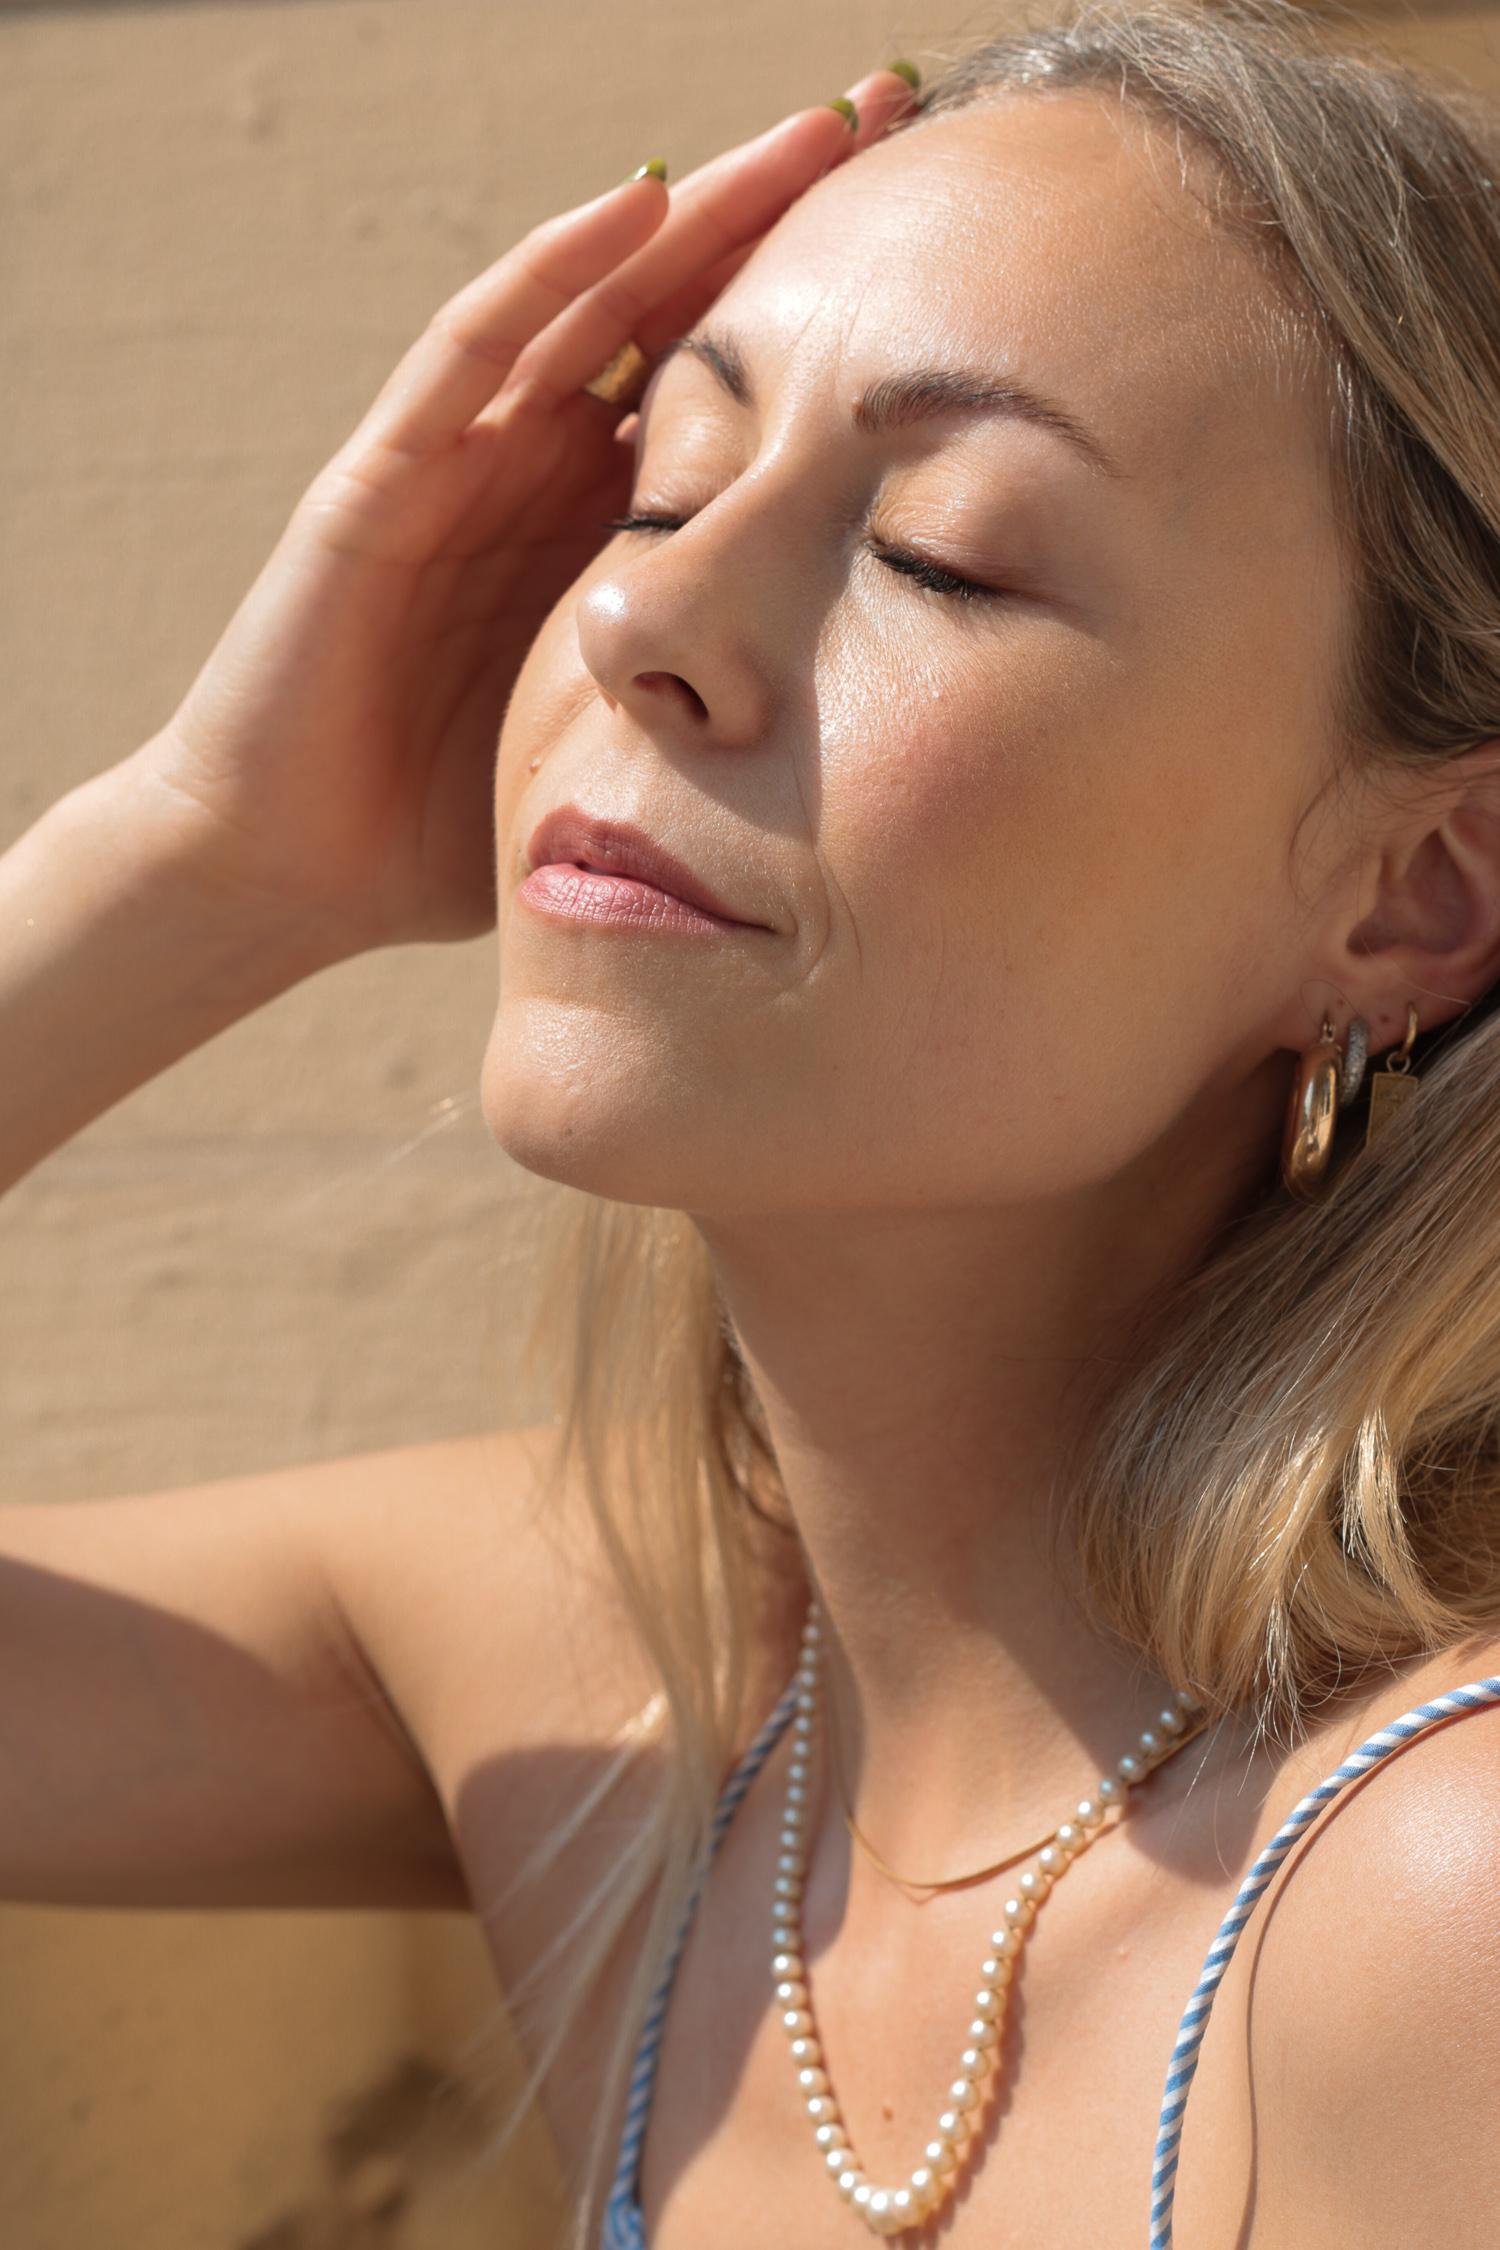 Natürlicher Sommer Make-up Look - www.lesfactoryfemmes.com